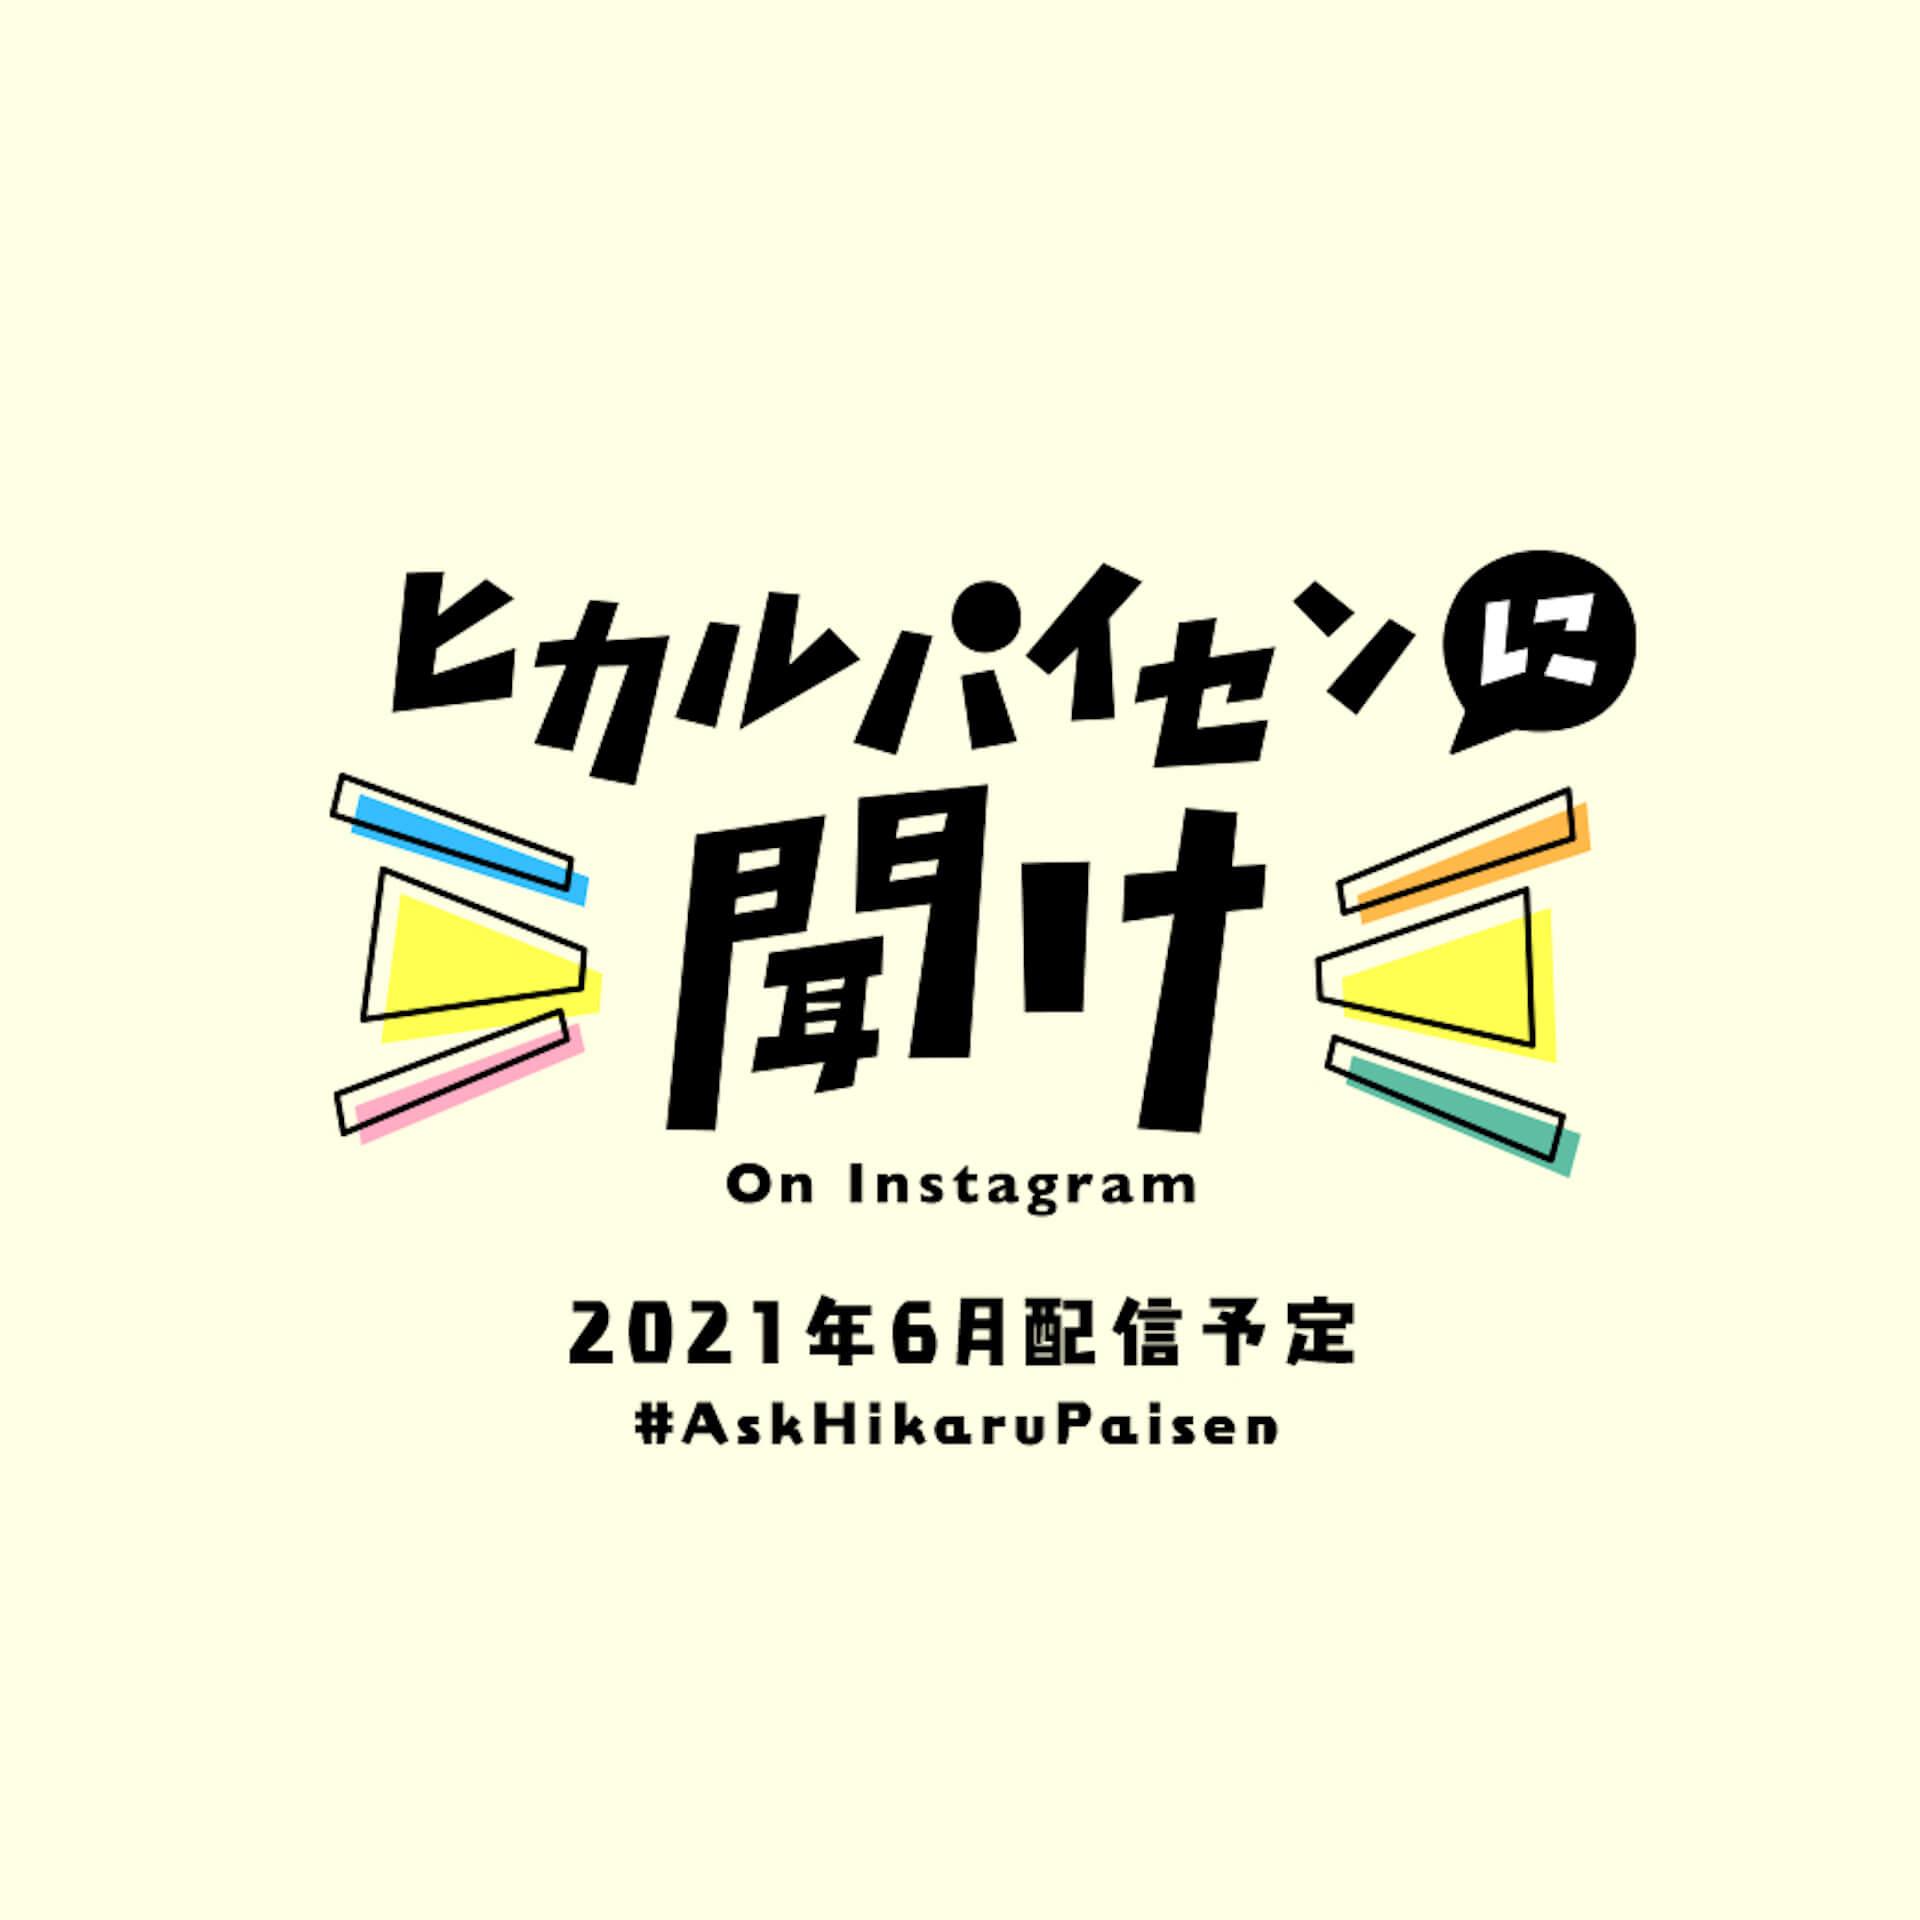 宇多田ヒカルの好評インスタ生配信『ヒカルパイセンに聞け!』が6月も実施決定!直筆サイン入りアイテムが当たるキャンペーンも music210515_utadahikaru_3